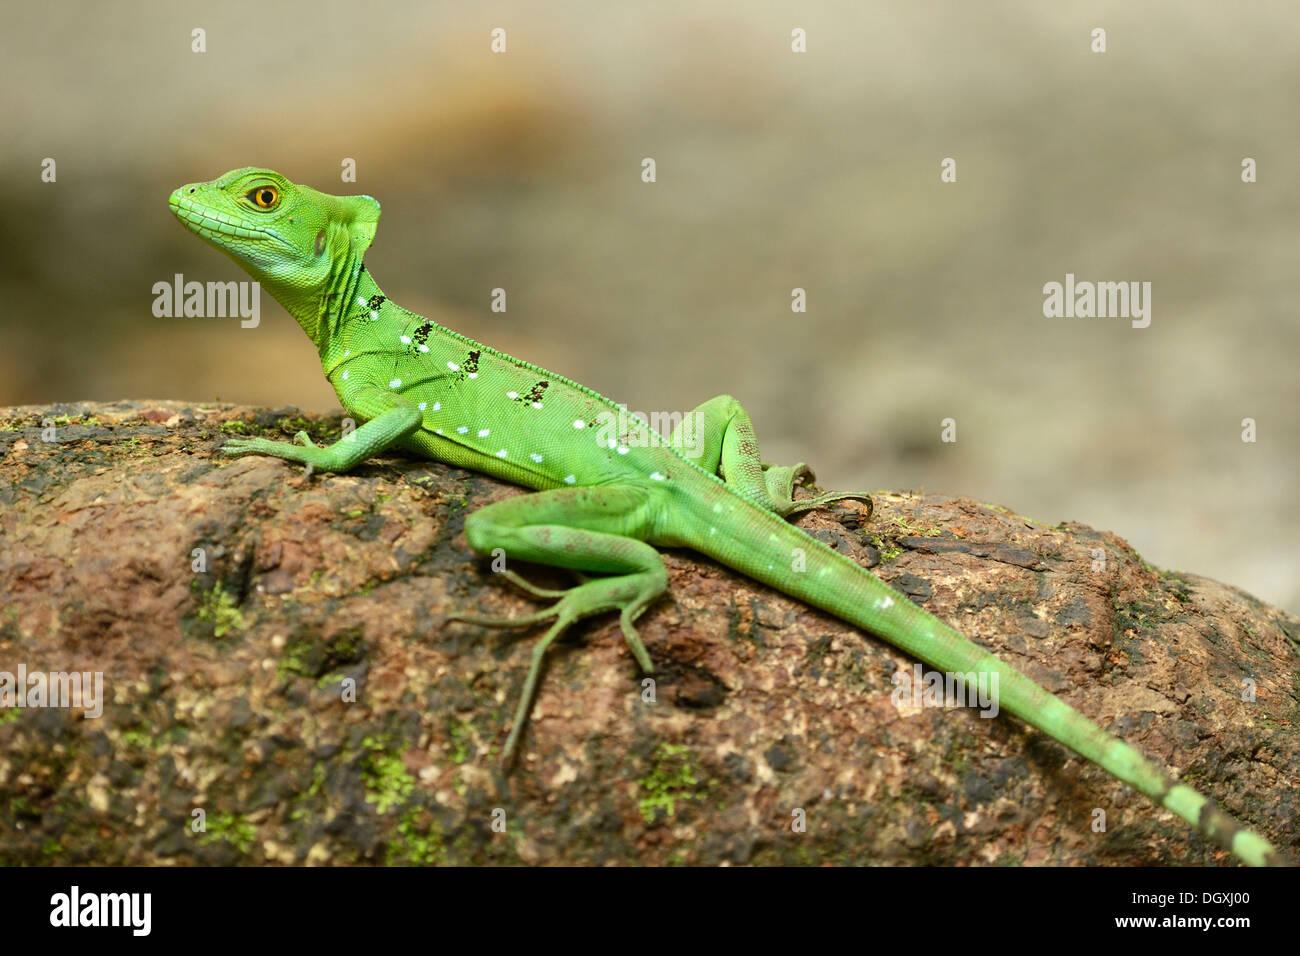 Plumed basilisk, Green basilisk, Double crested basilisk or Jesus Christ lizard (Basiliscus plumifrons), female, Stock Photo